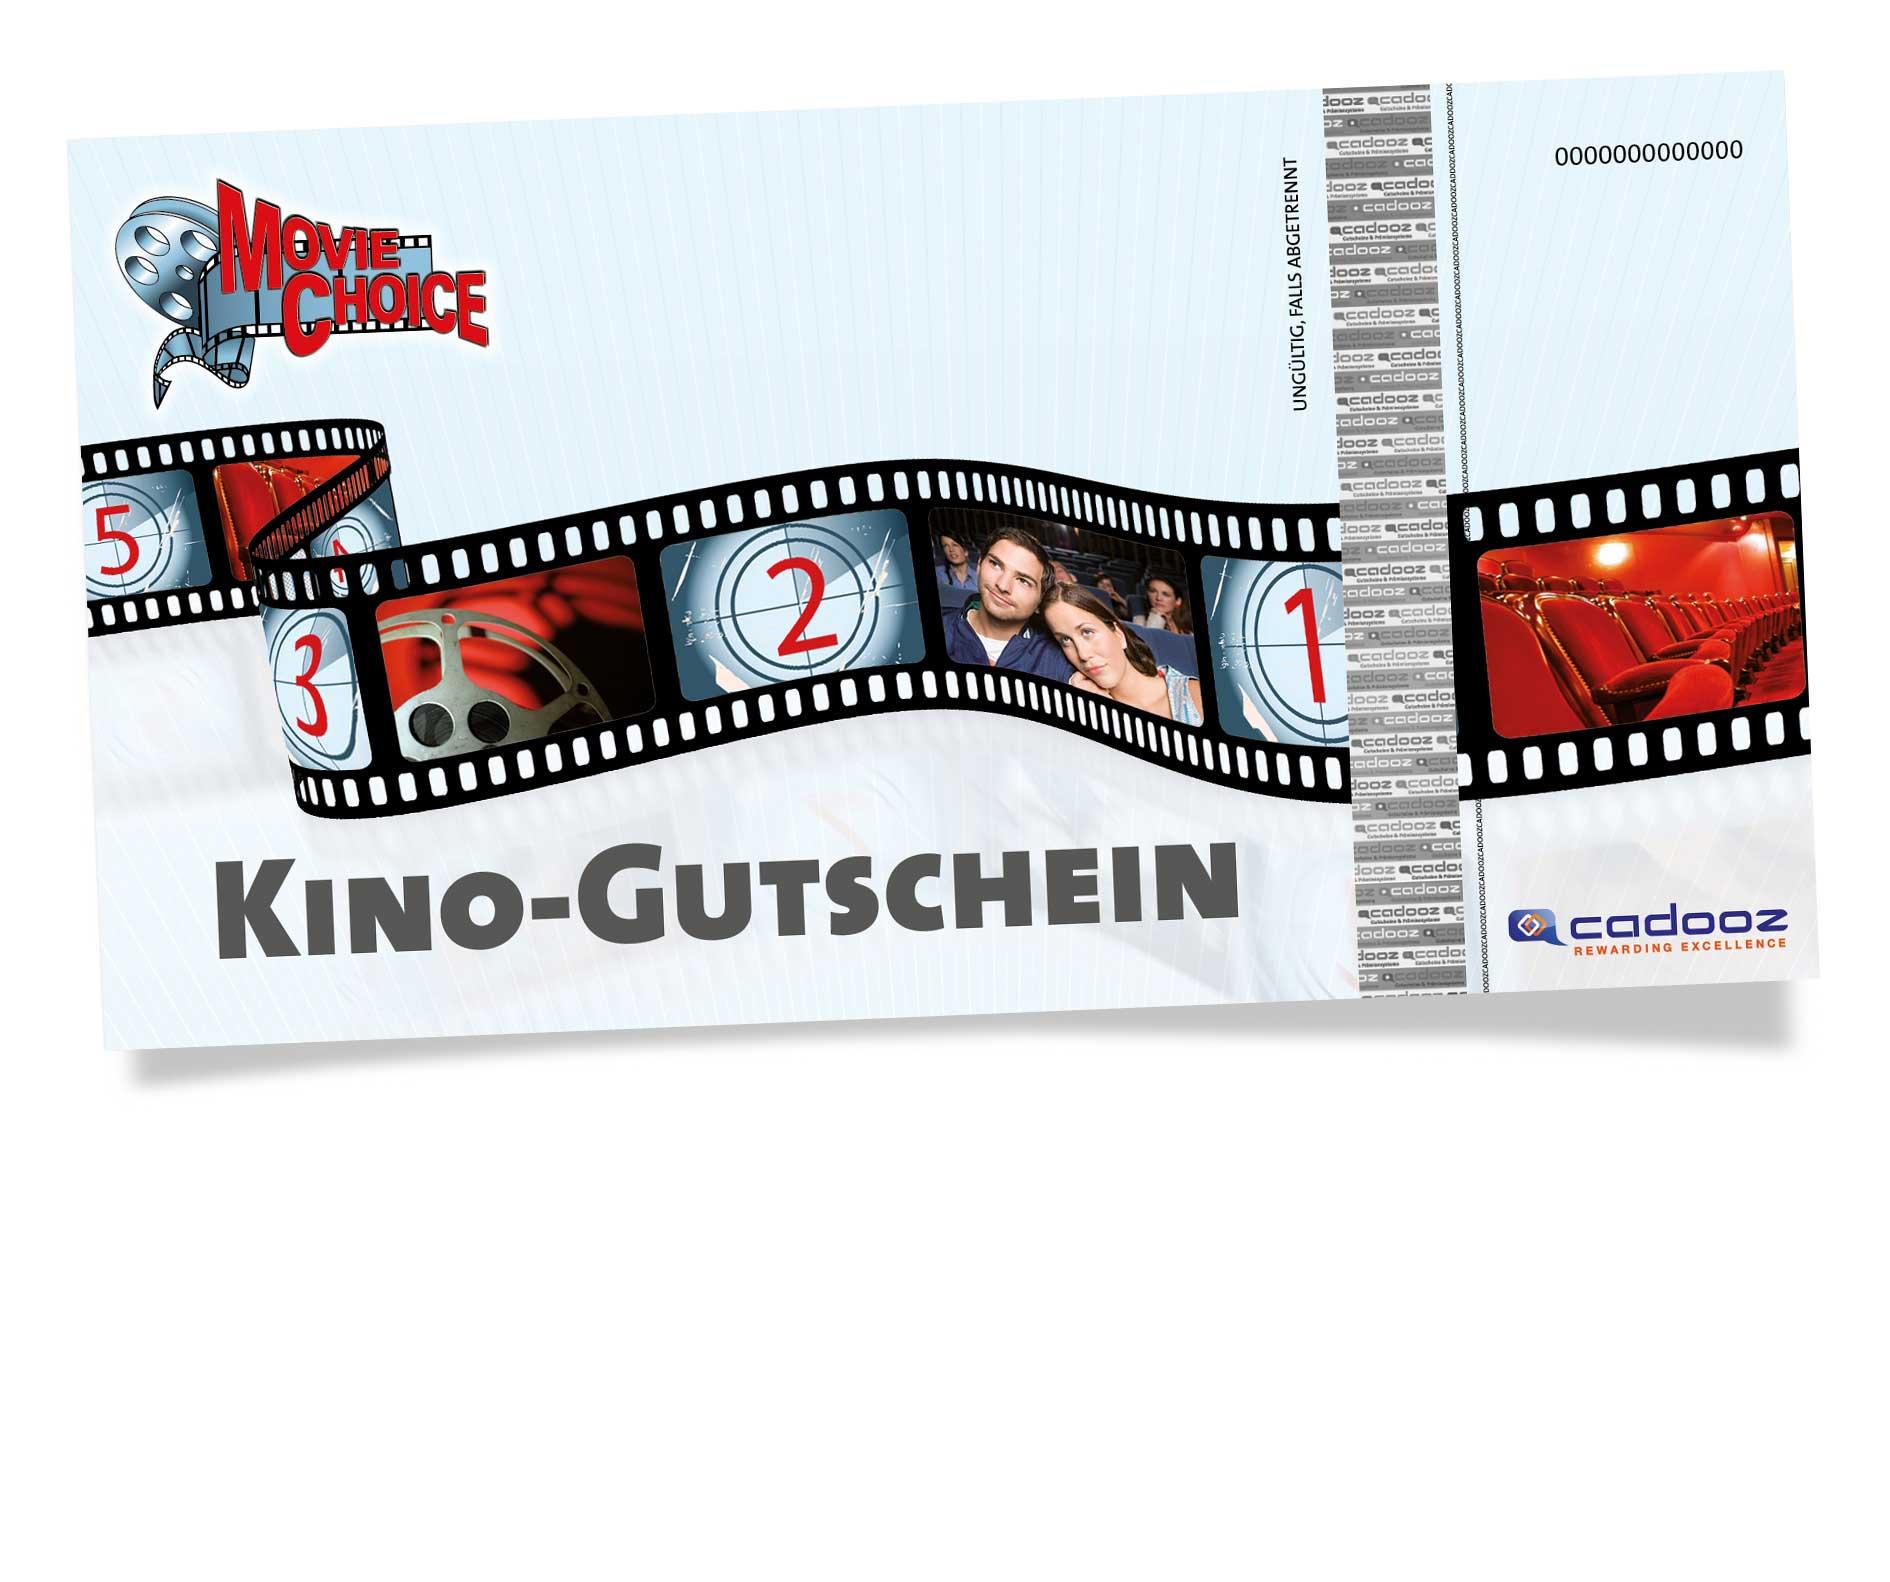 kinogutschein online kaufen und ausdrucken